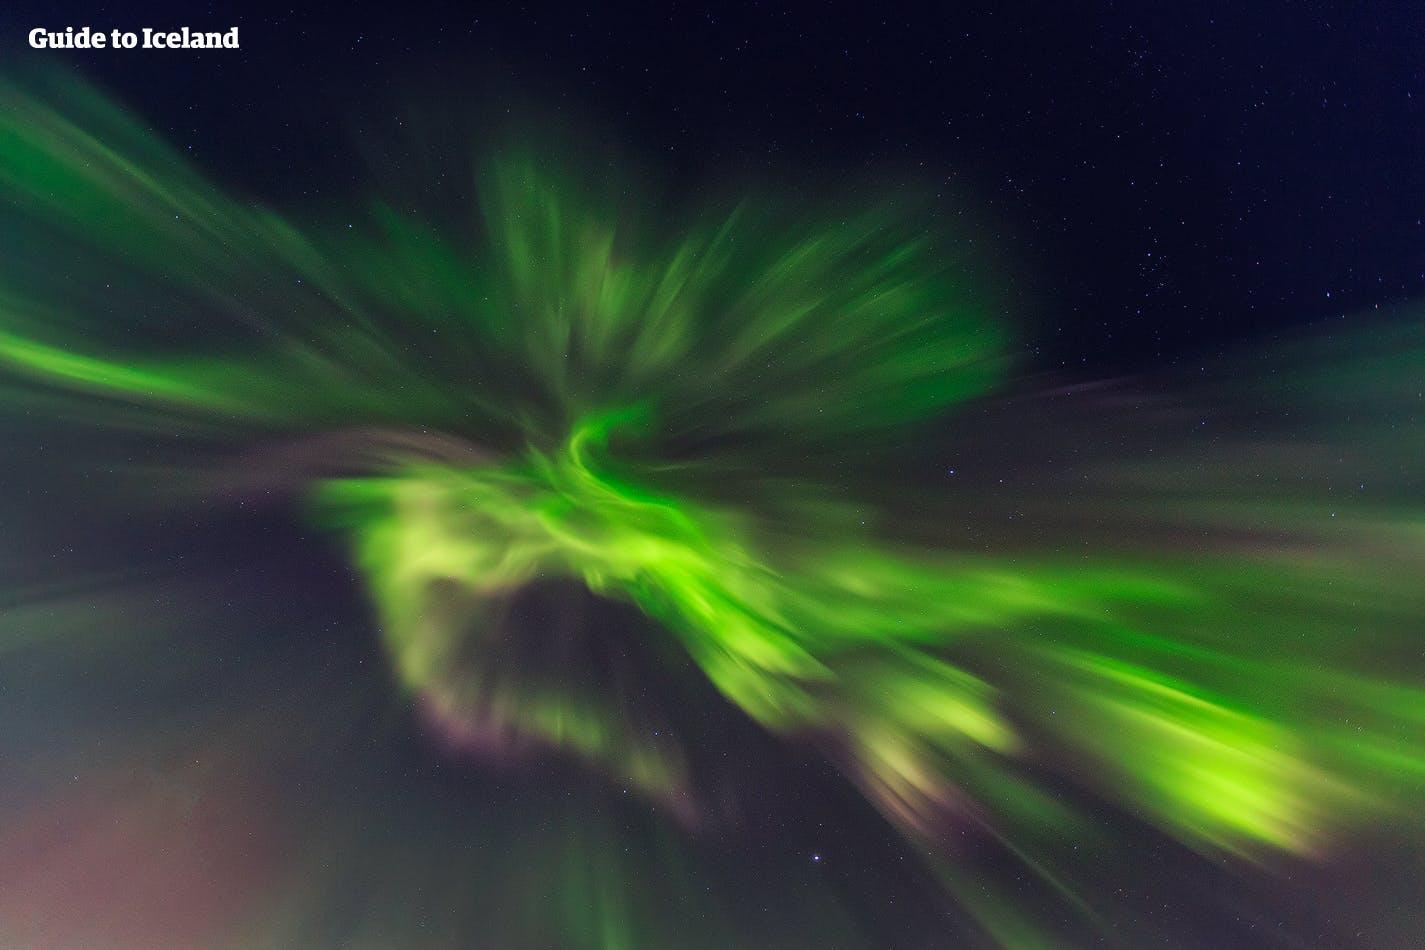 一路上您有很多机会看到美丽的北极光